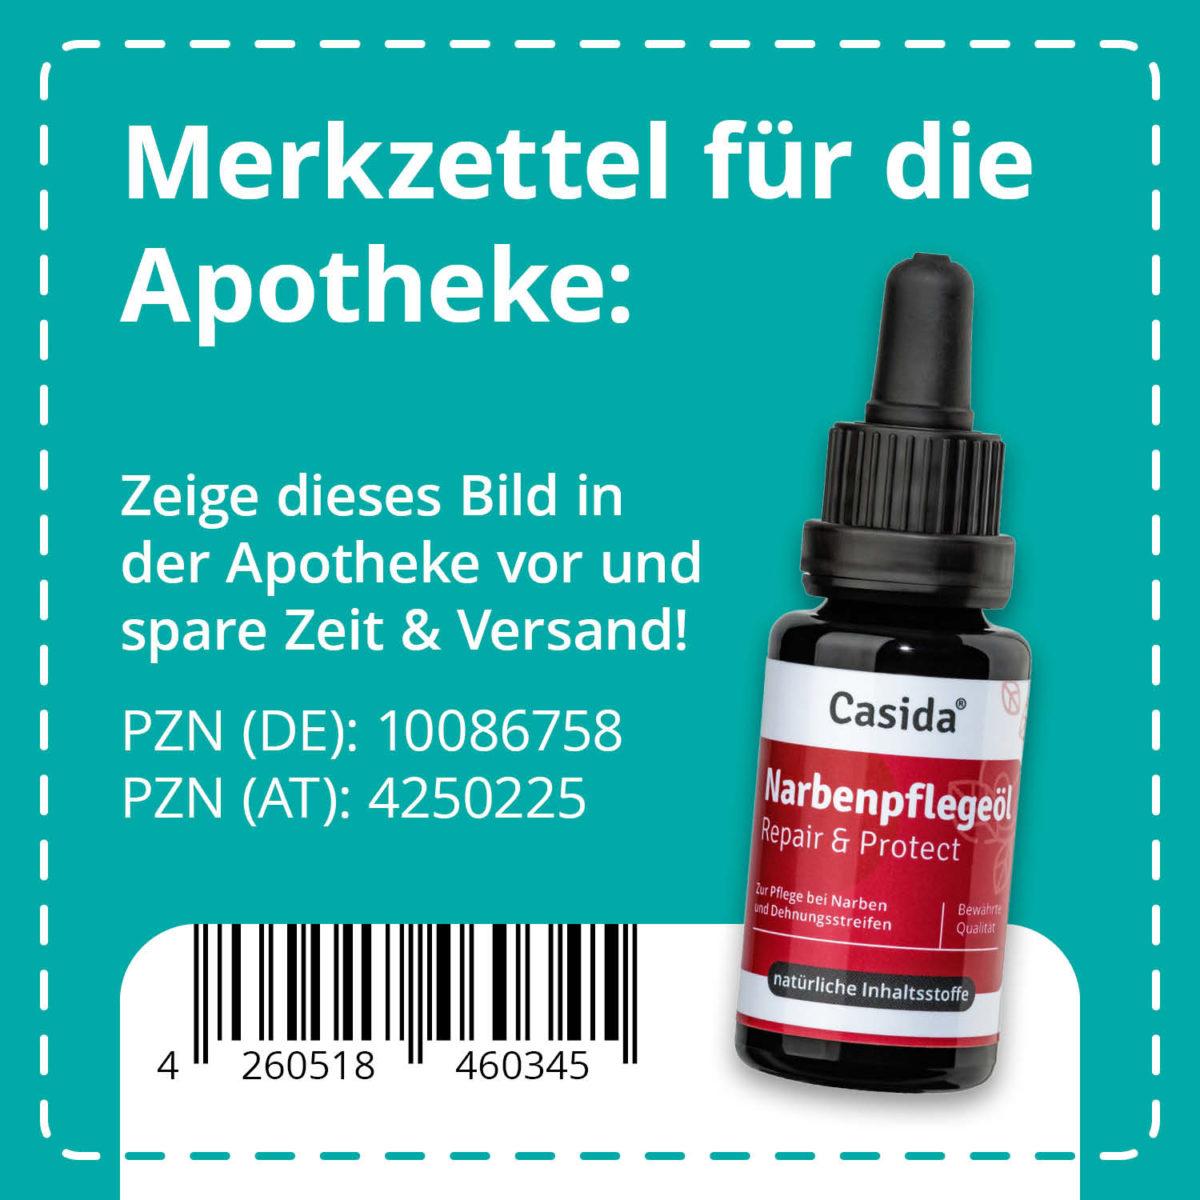 Casida Narbenpflegeöl Repair & Protect – 20 ml 10086758 PZN Apotheke Dehnungsstreifen verhindern vorbeugen OP Narbe behandeln pflanzlich9